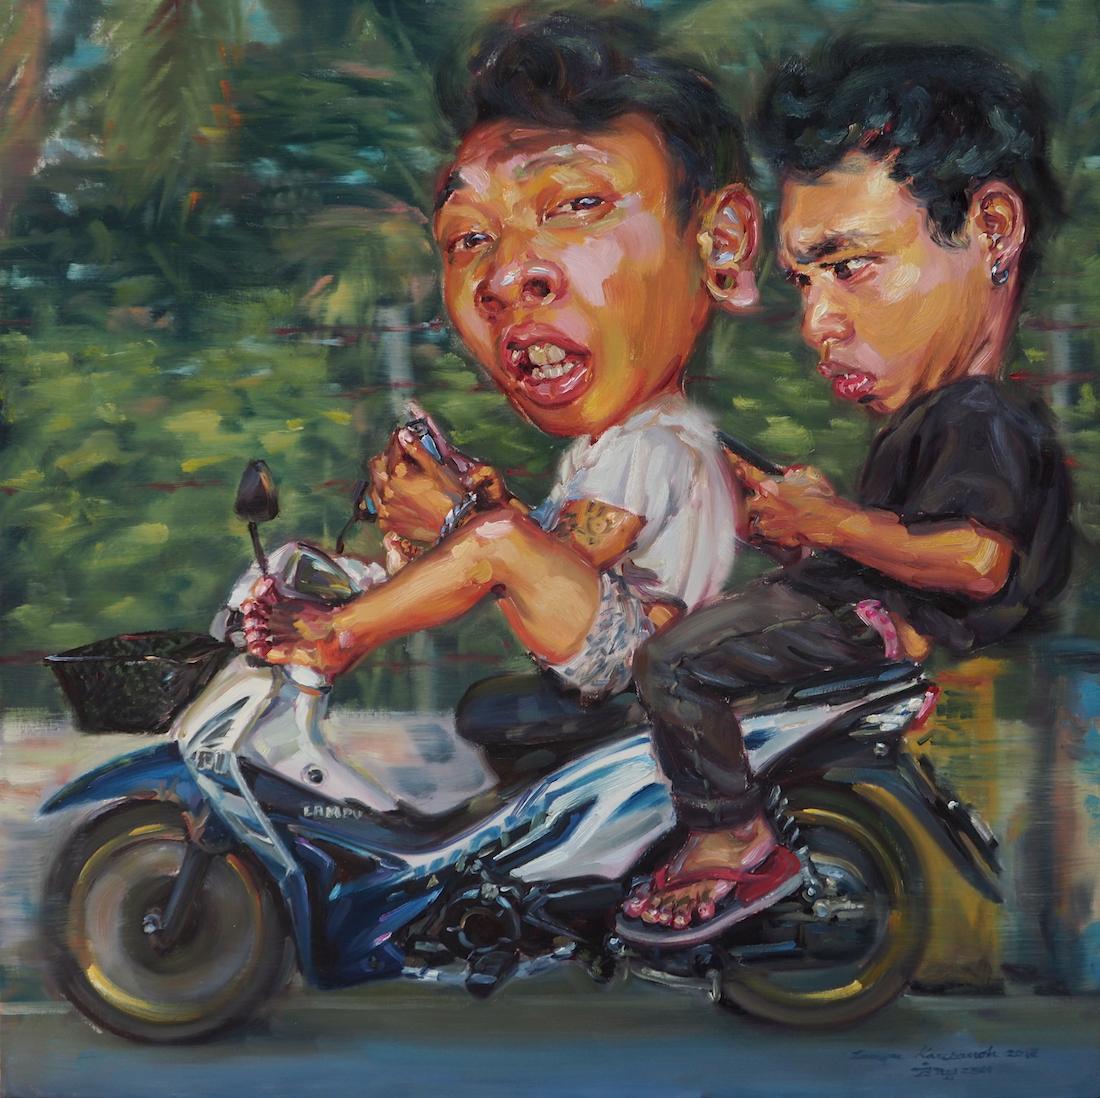 ไลค์ทัก(Push the like if you love), oil on linen, 100x100 cm.